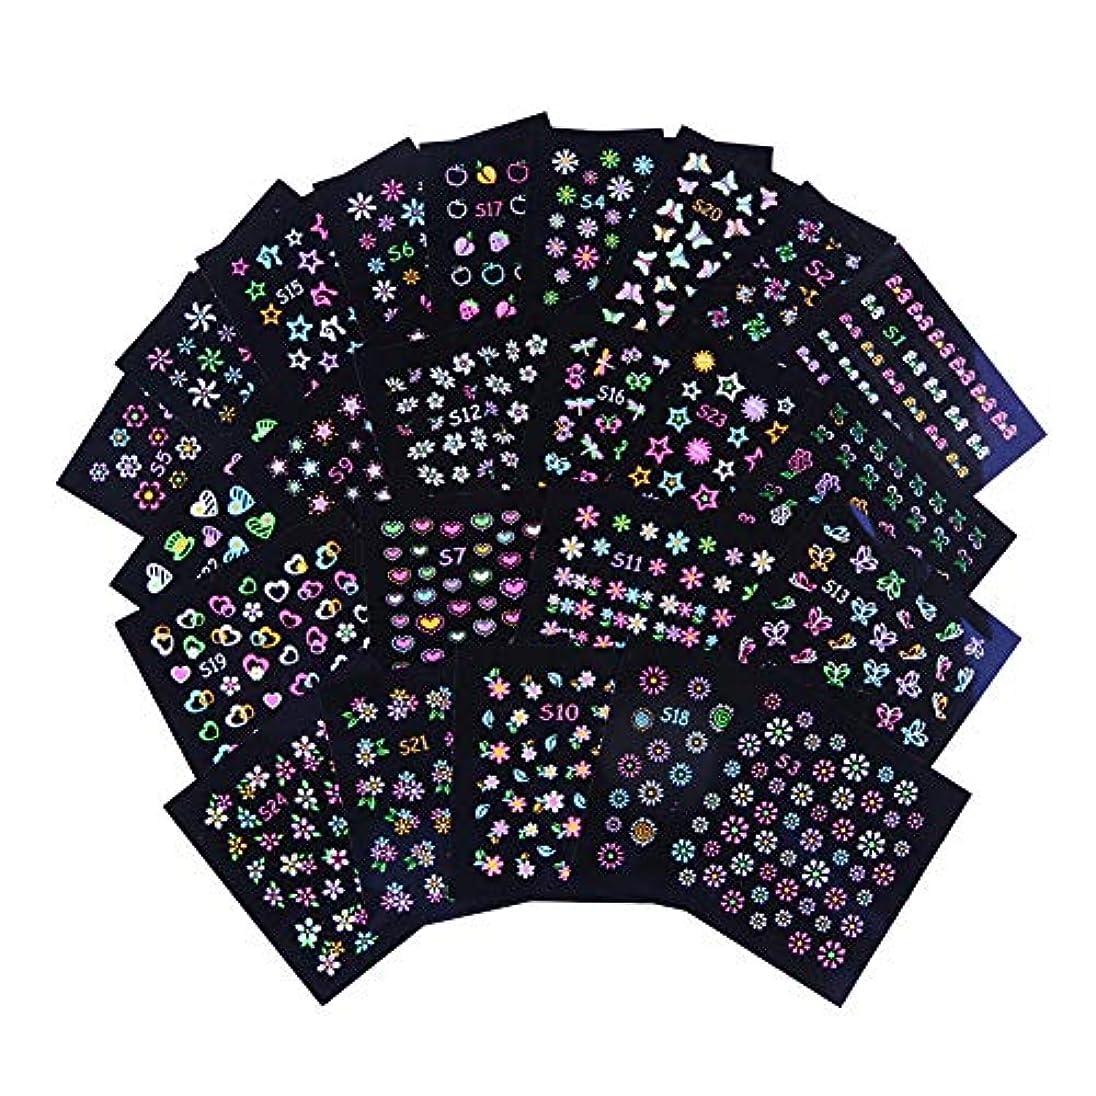 エネルギー会計士現在Xiurues ネイルステッカー ネイルシール ネイルデコレーション 24枚 3Dネイルステッカー蛍光蝶の花びら かわいいネイルパーツ ファッションネイルスパンコール ネイルシェル 環境保護は爪を傷つけません ネイルアートパーツ